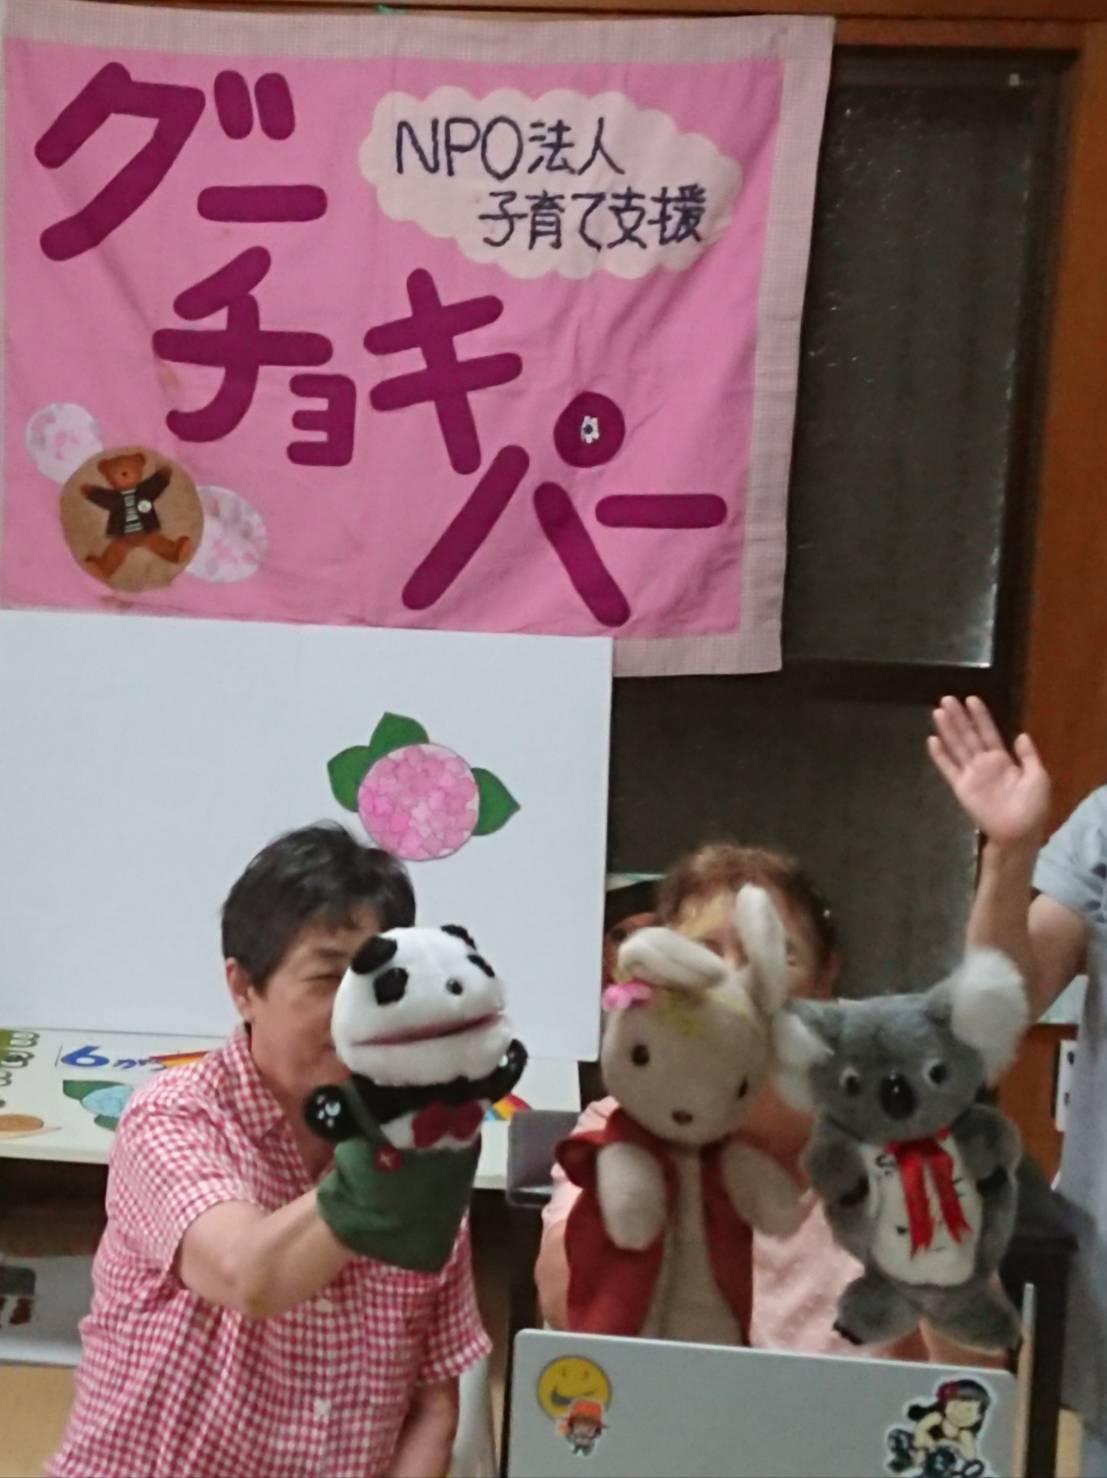 第2弾!7月7日(火)リモートグーチョキパーひろば